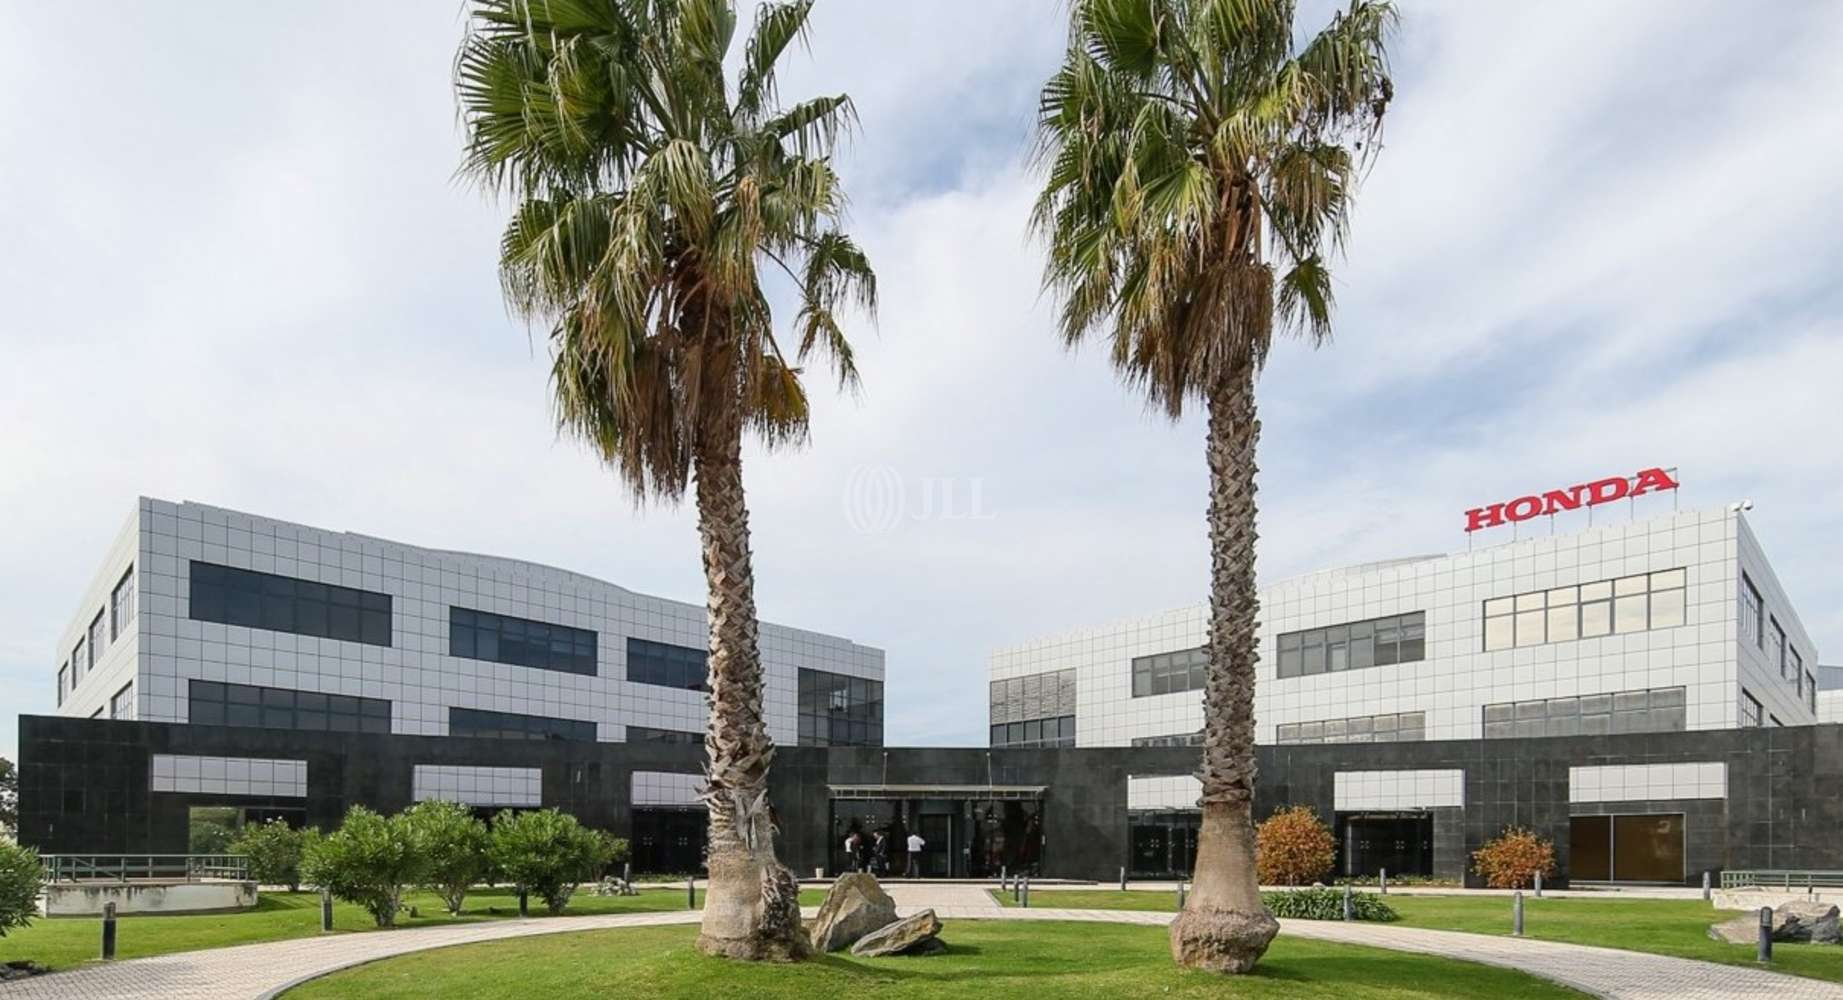 Escritórios Linho, 2710-693 - Beloura Office Park - E 13 - 131